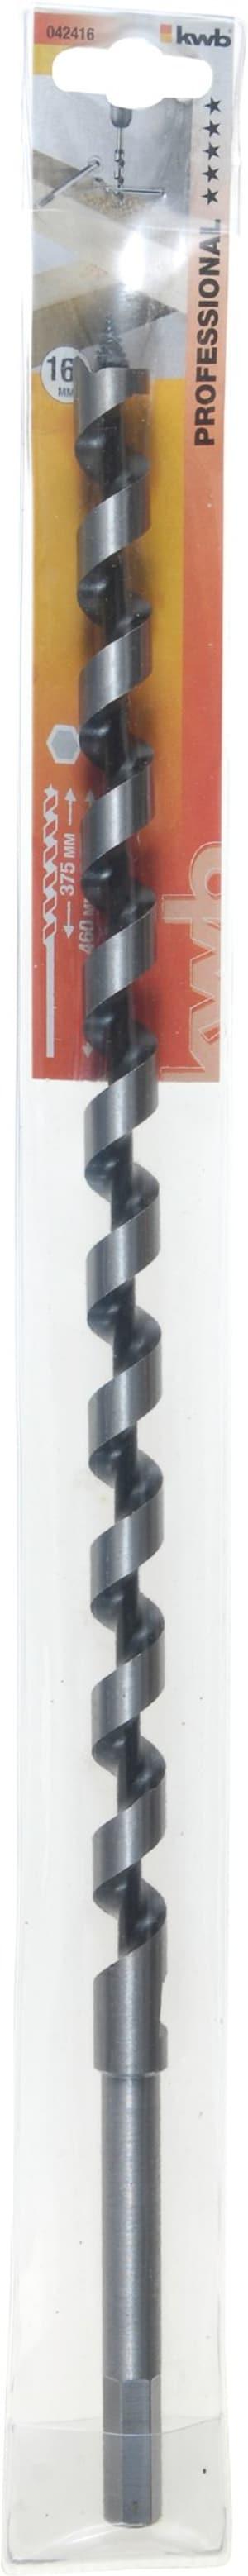 Schlangenbohrer, 460 mm, ø 16 mm